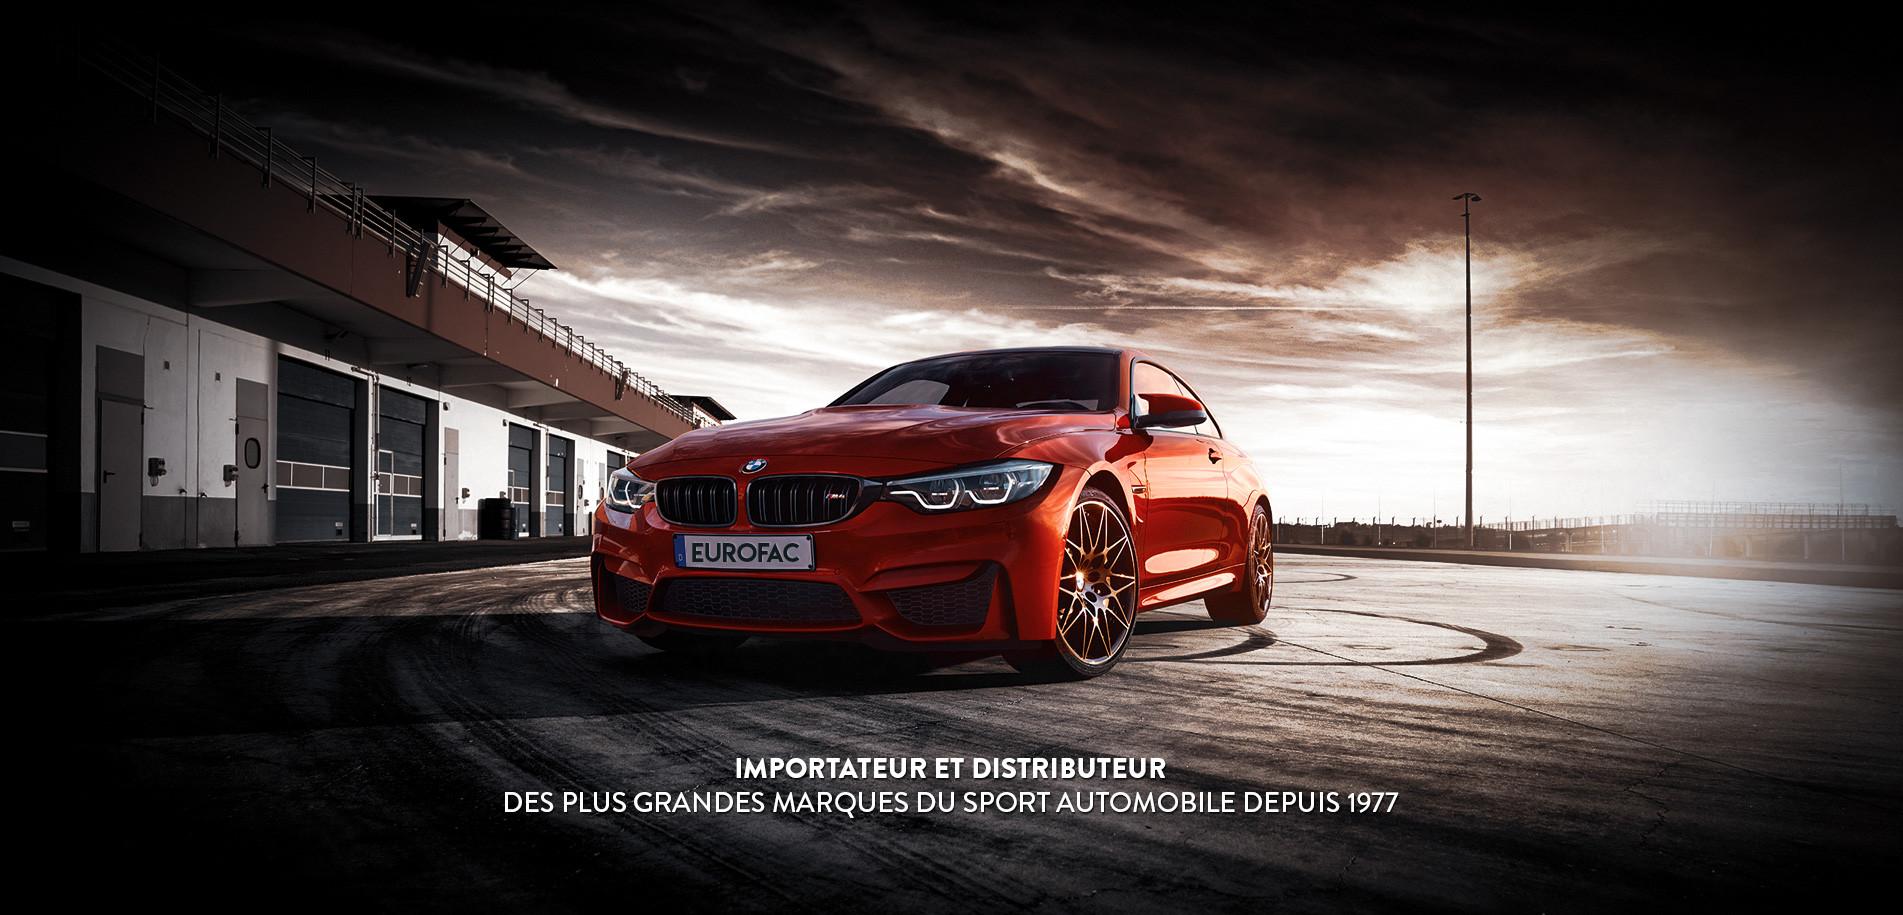 Eurofac : Importateur et distributeur des plus grandes marques du sport automobile depuis 1977